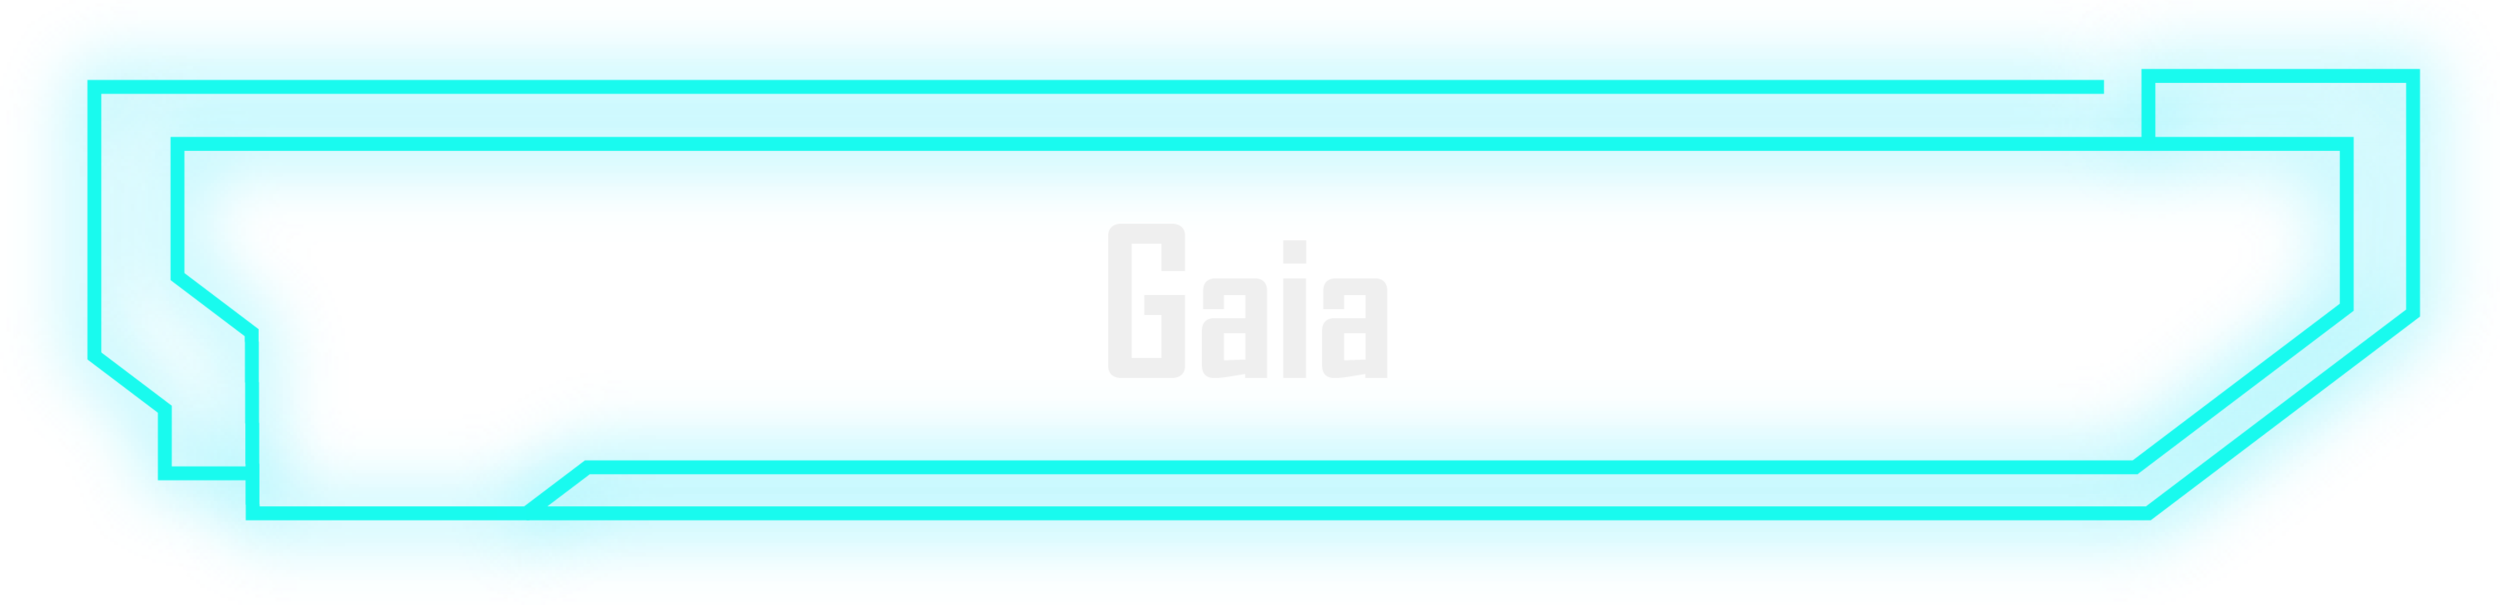 gaia-06.png